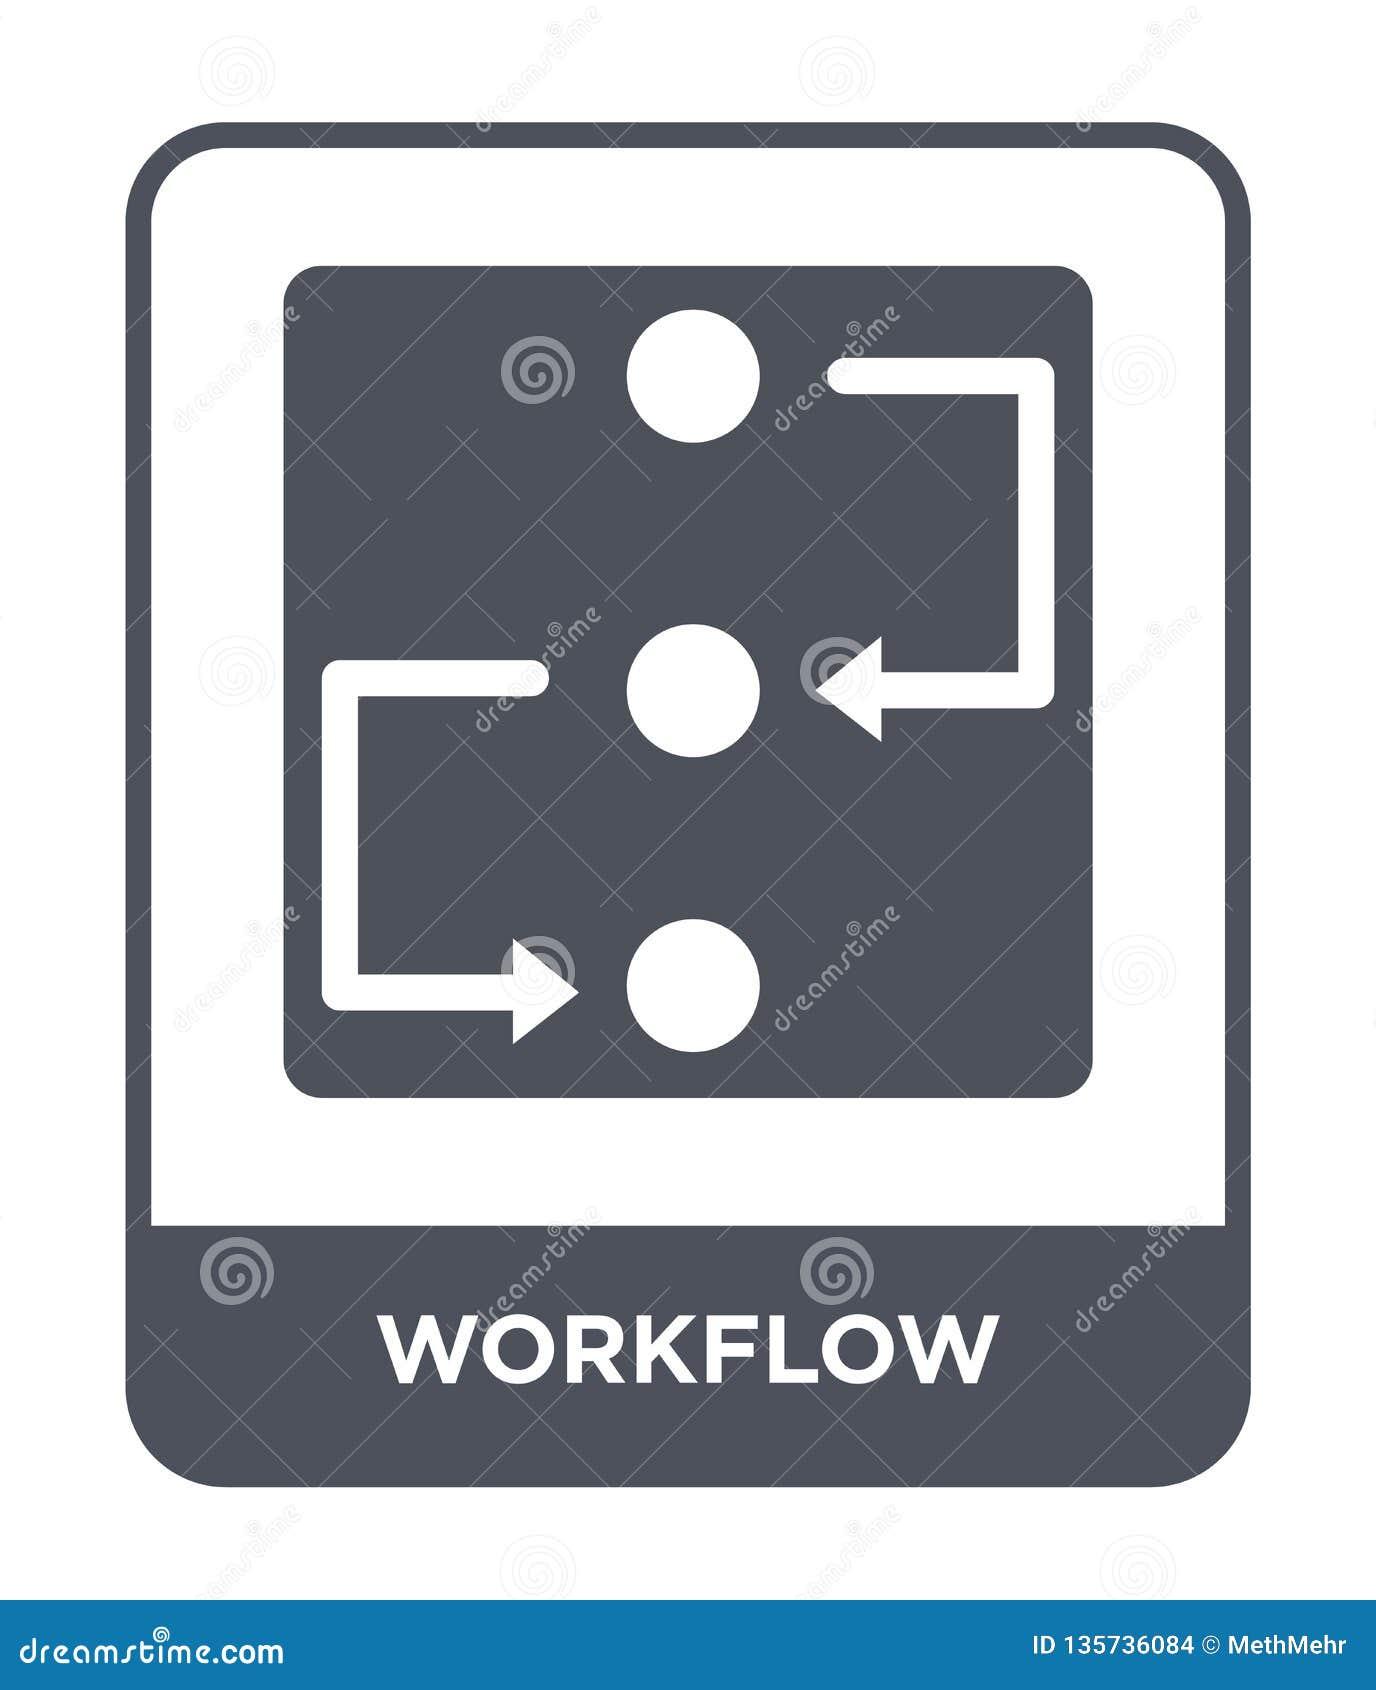 Workflowsymbol i moderiktig designstil workflowsymbol som isoleras på vit bakgrund enkel och modern lägenhet för workflowvektorsy